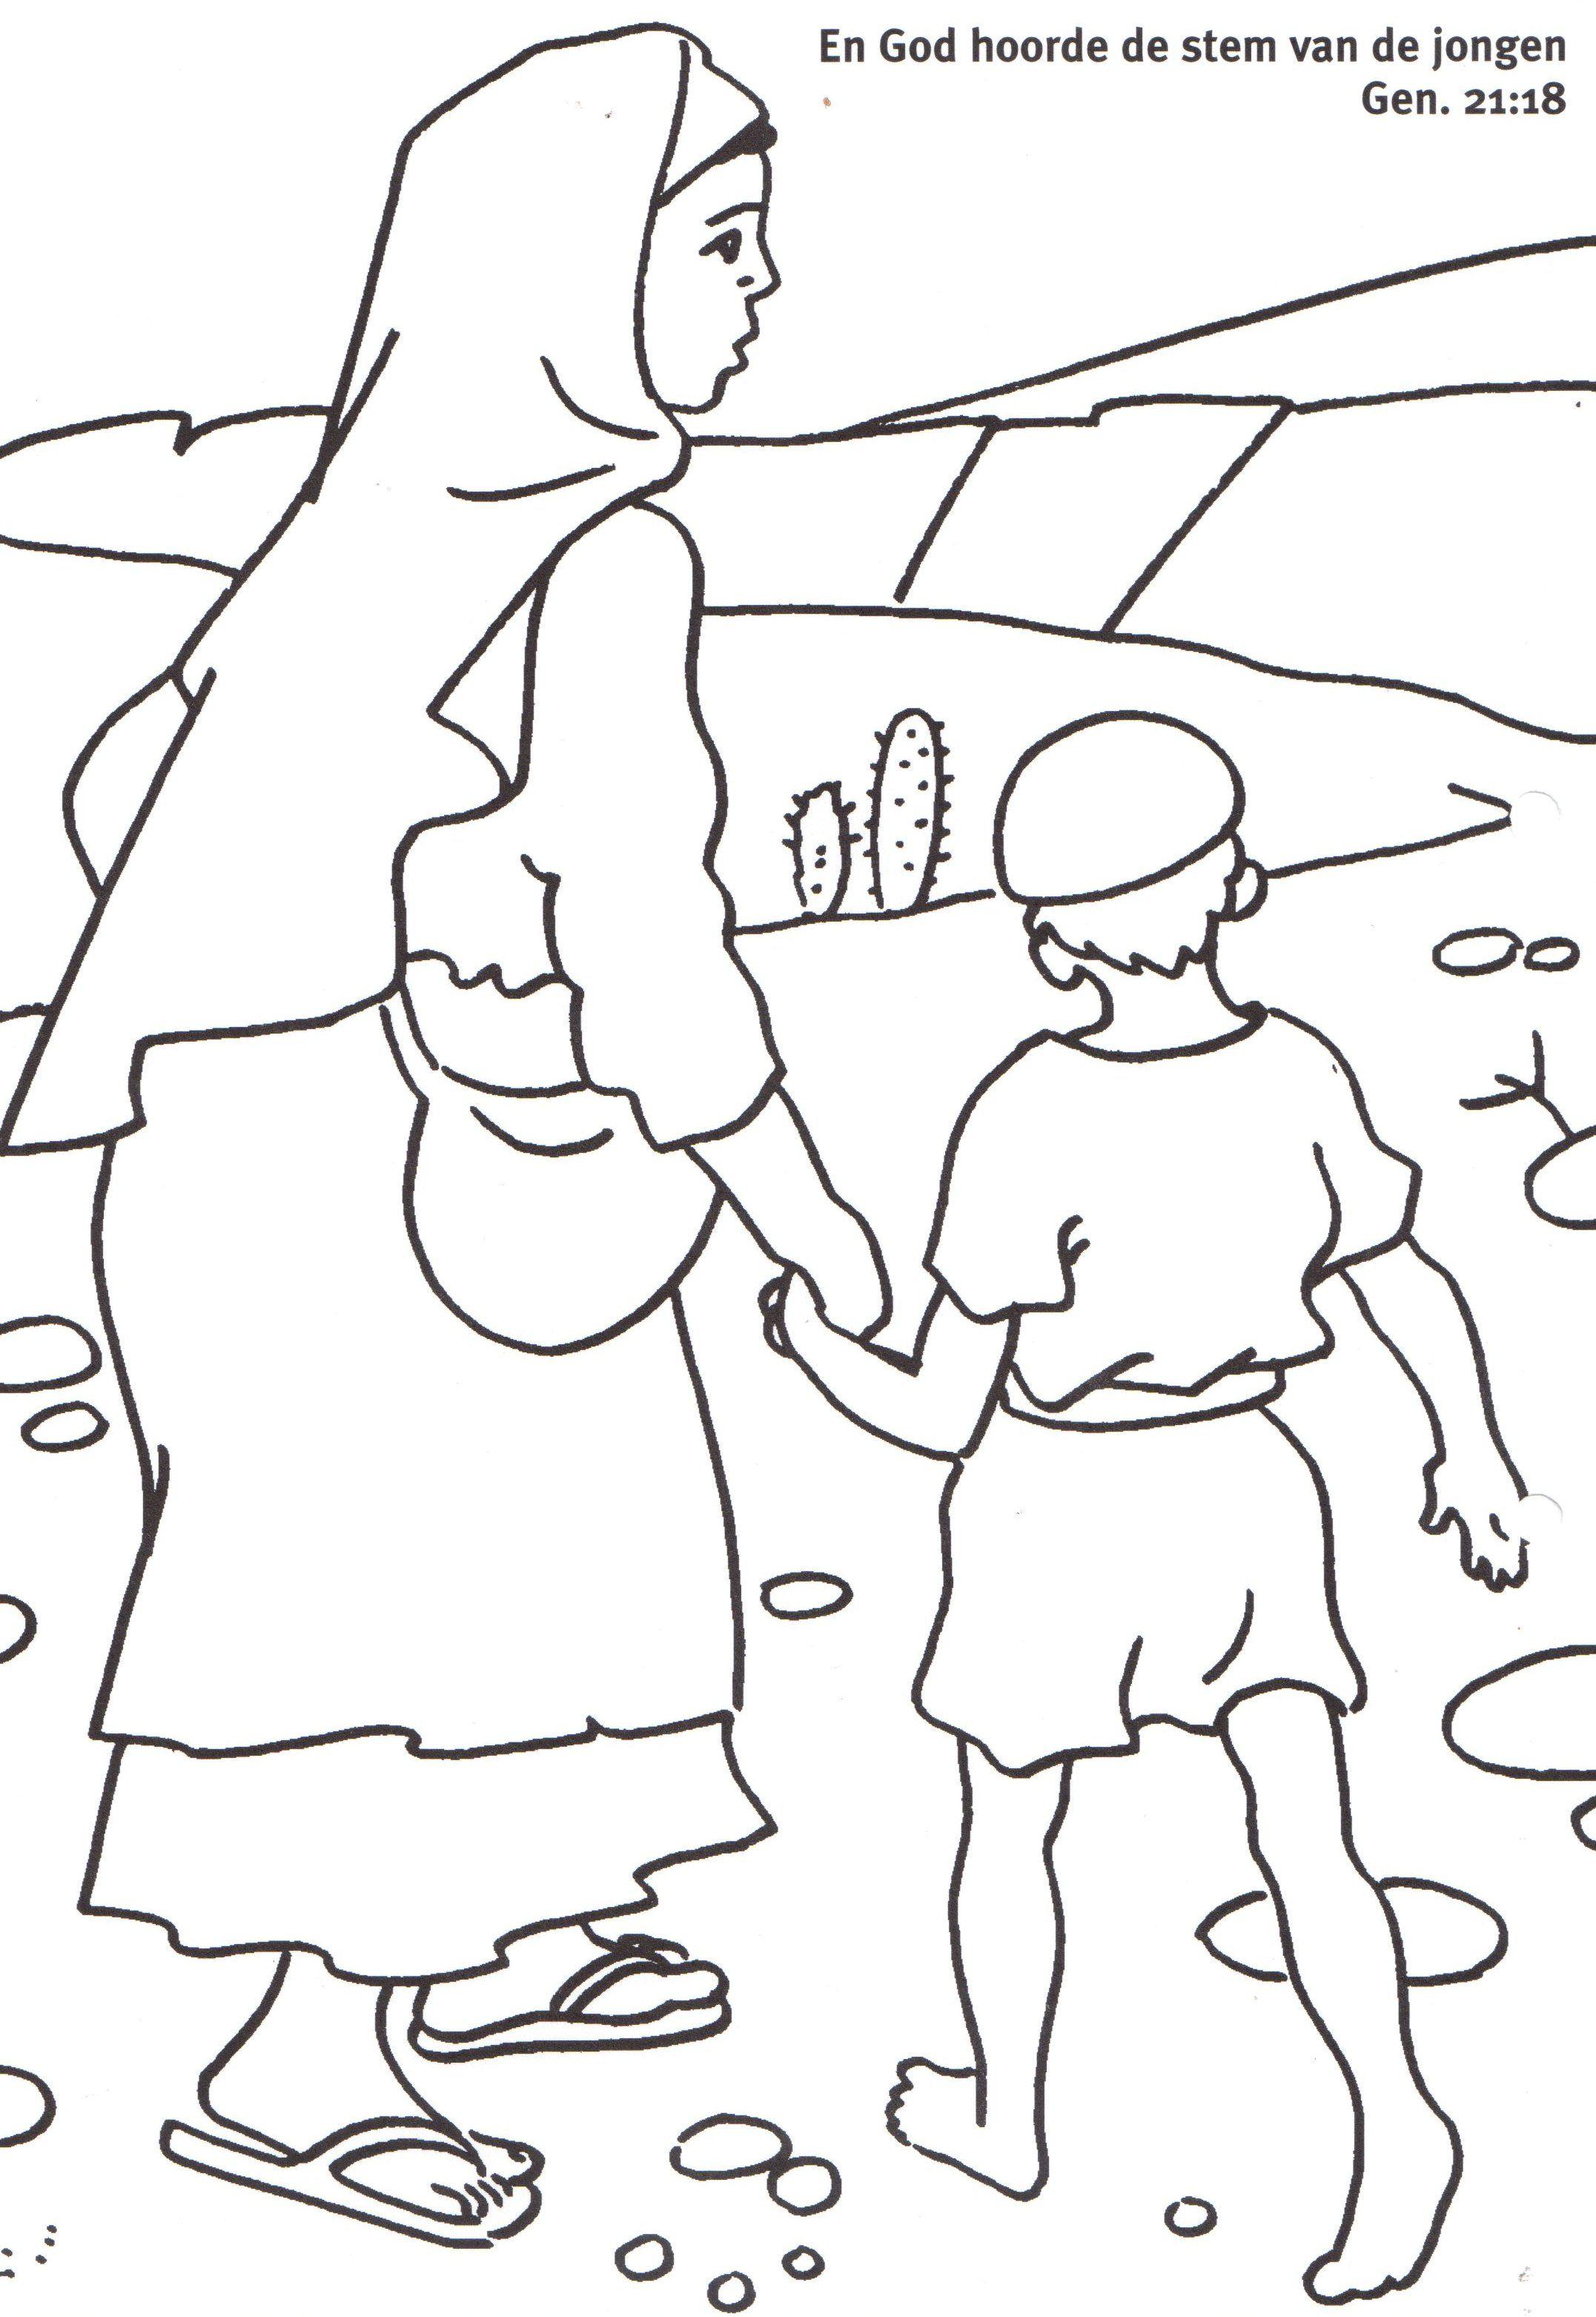 Pin von Heather McCary auf Bible OT: Abram/Abraham | Pinterest